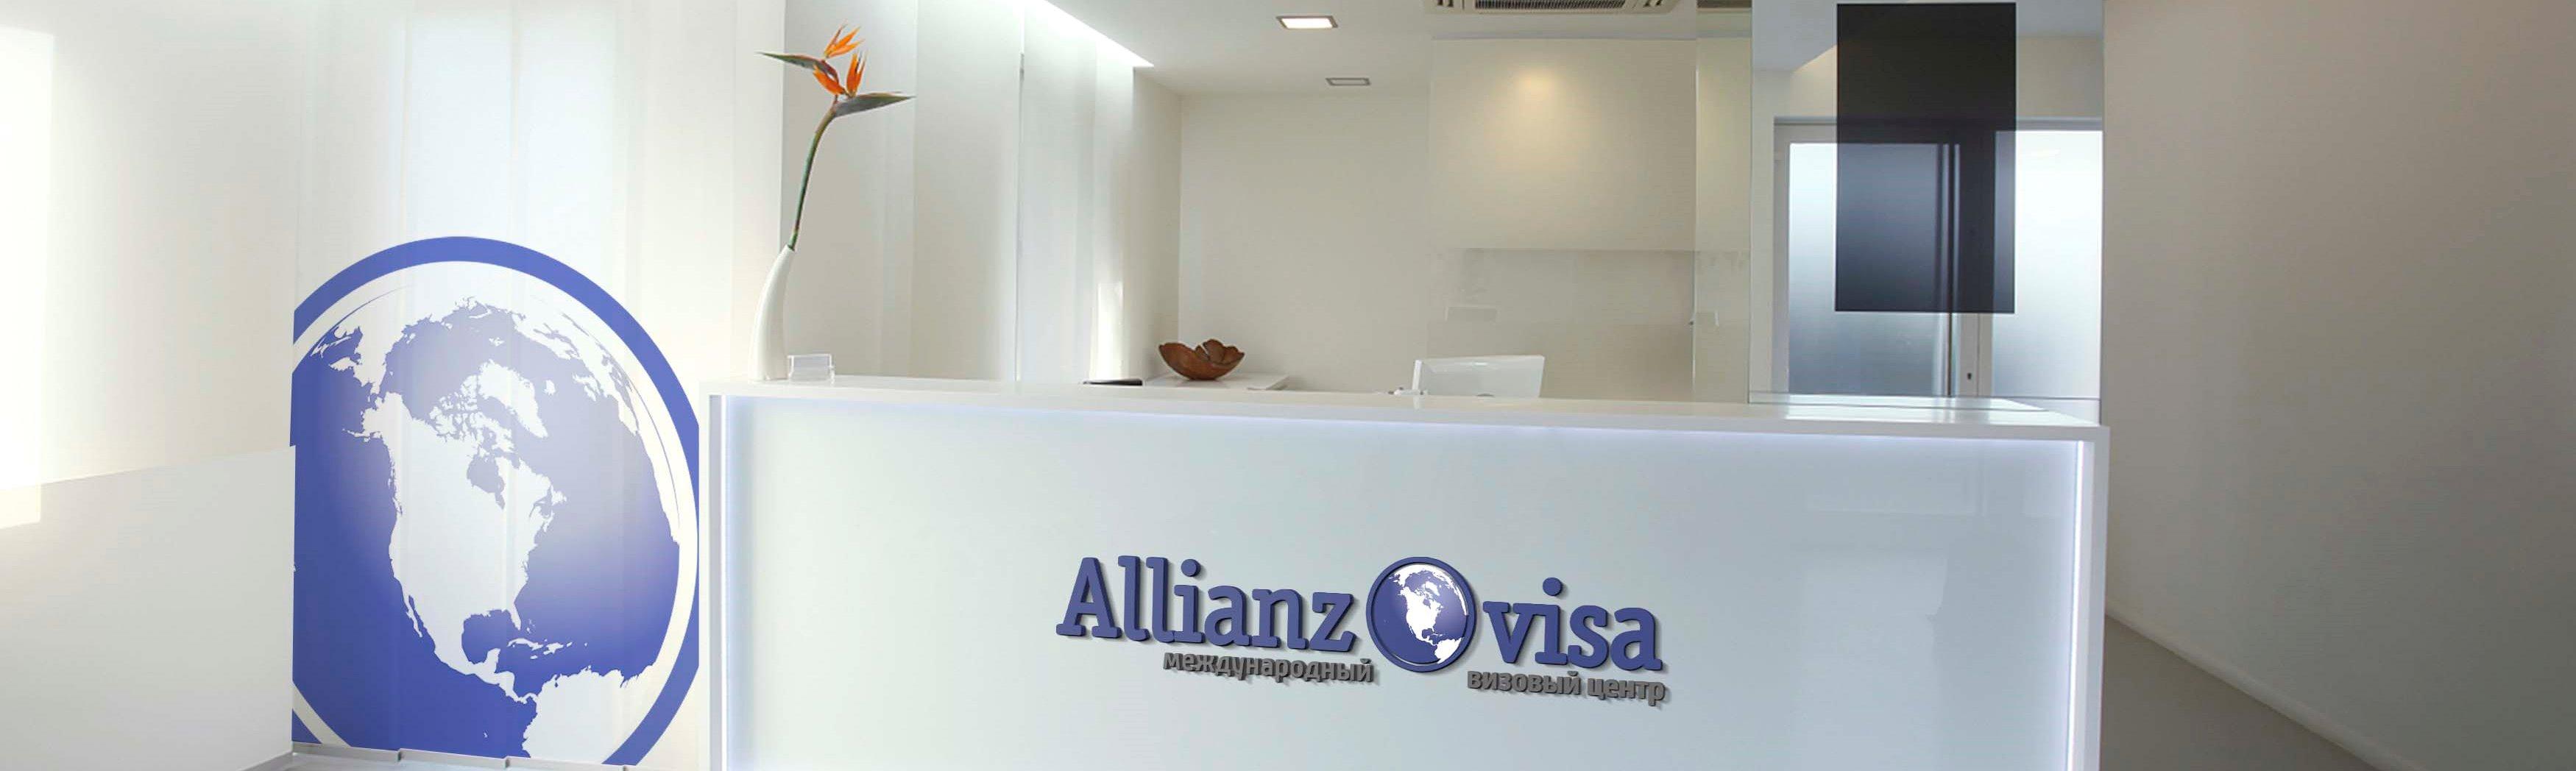 Allianz visa moscow